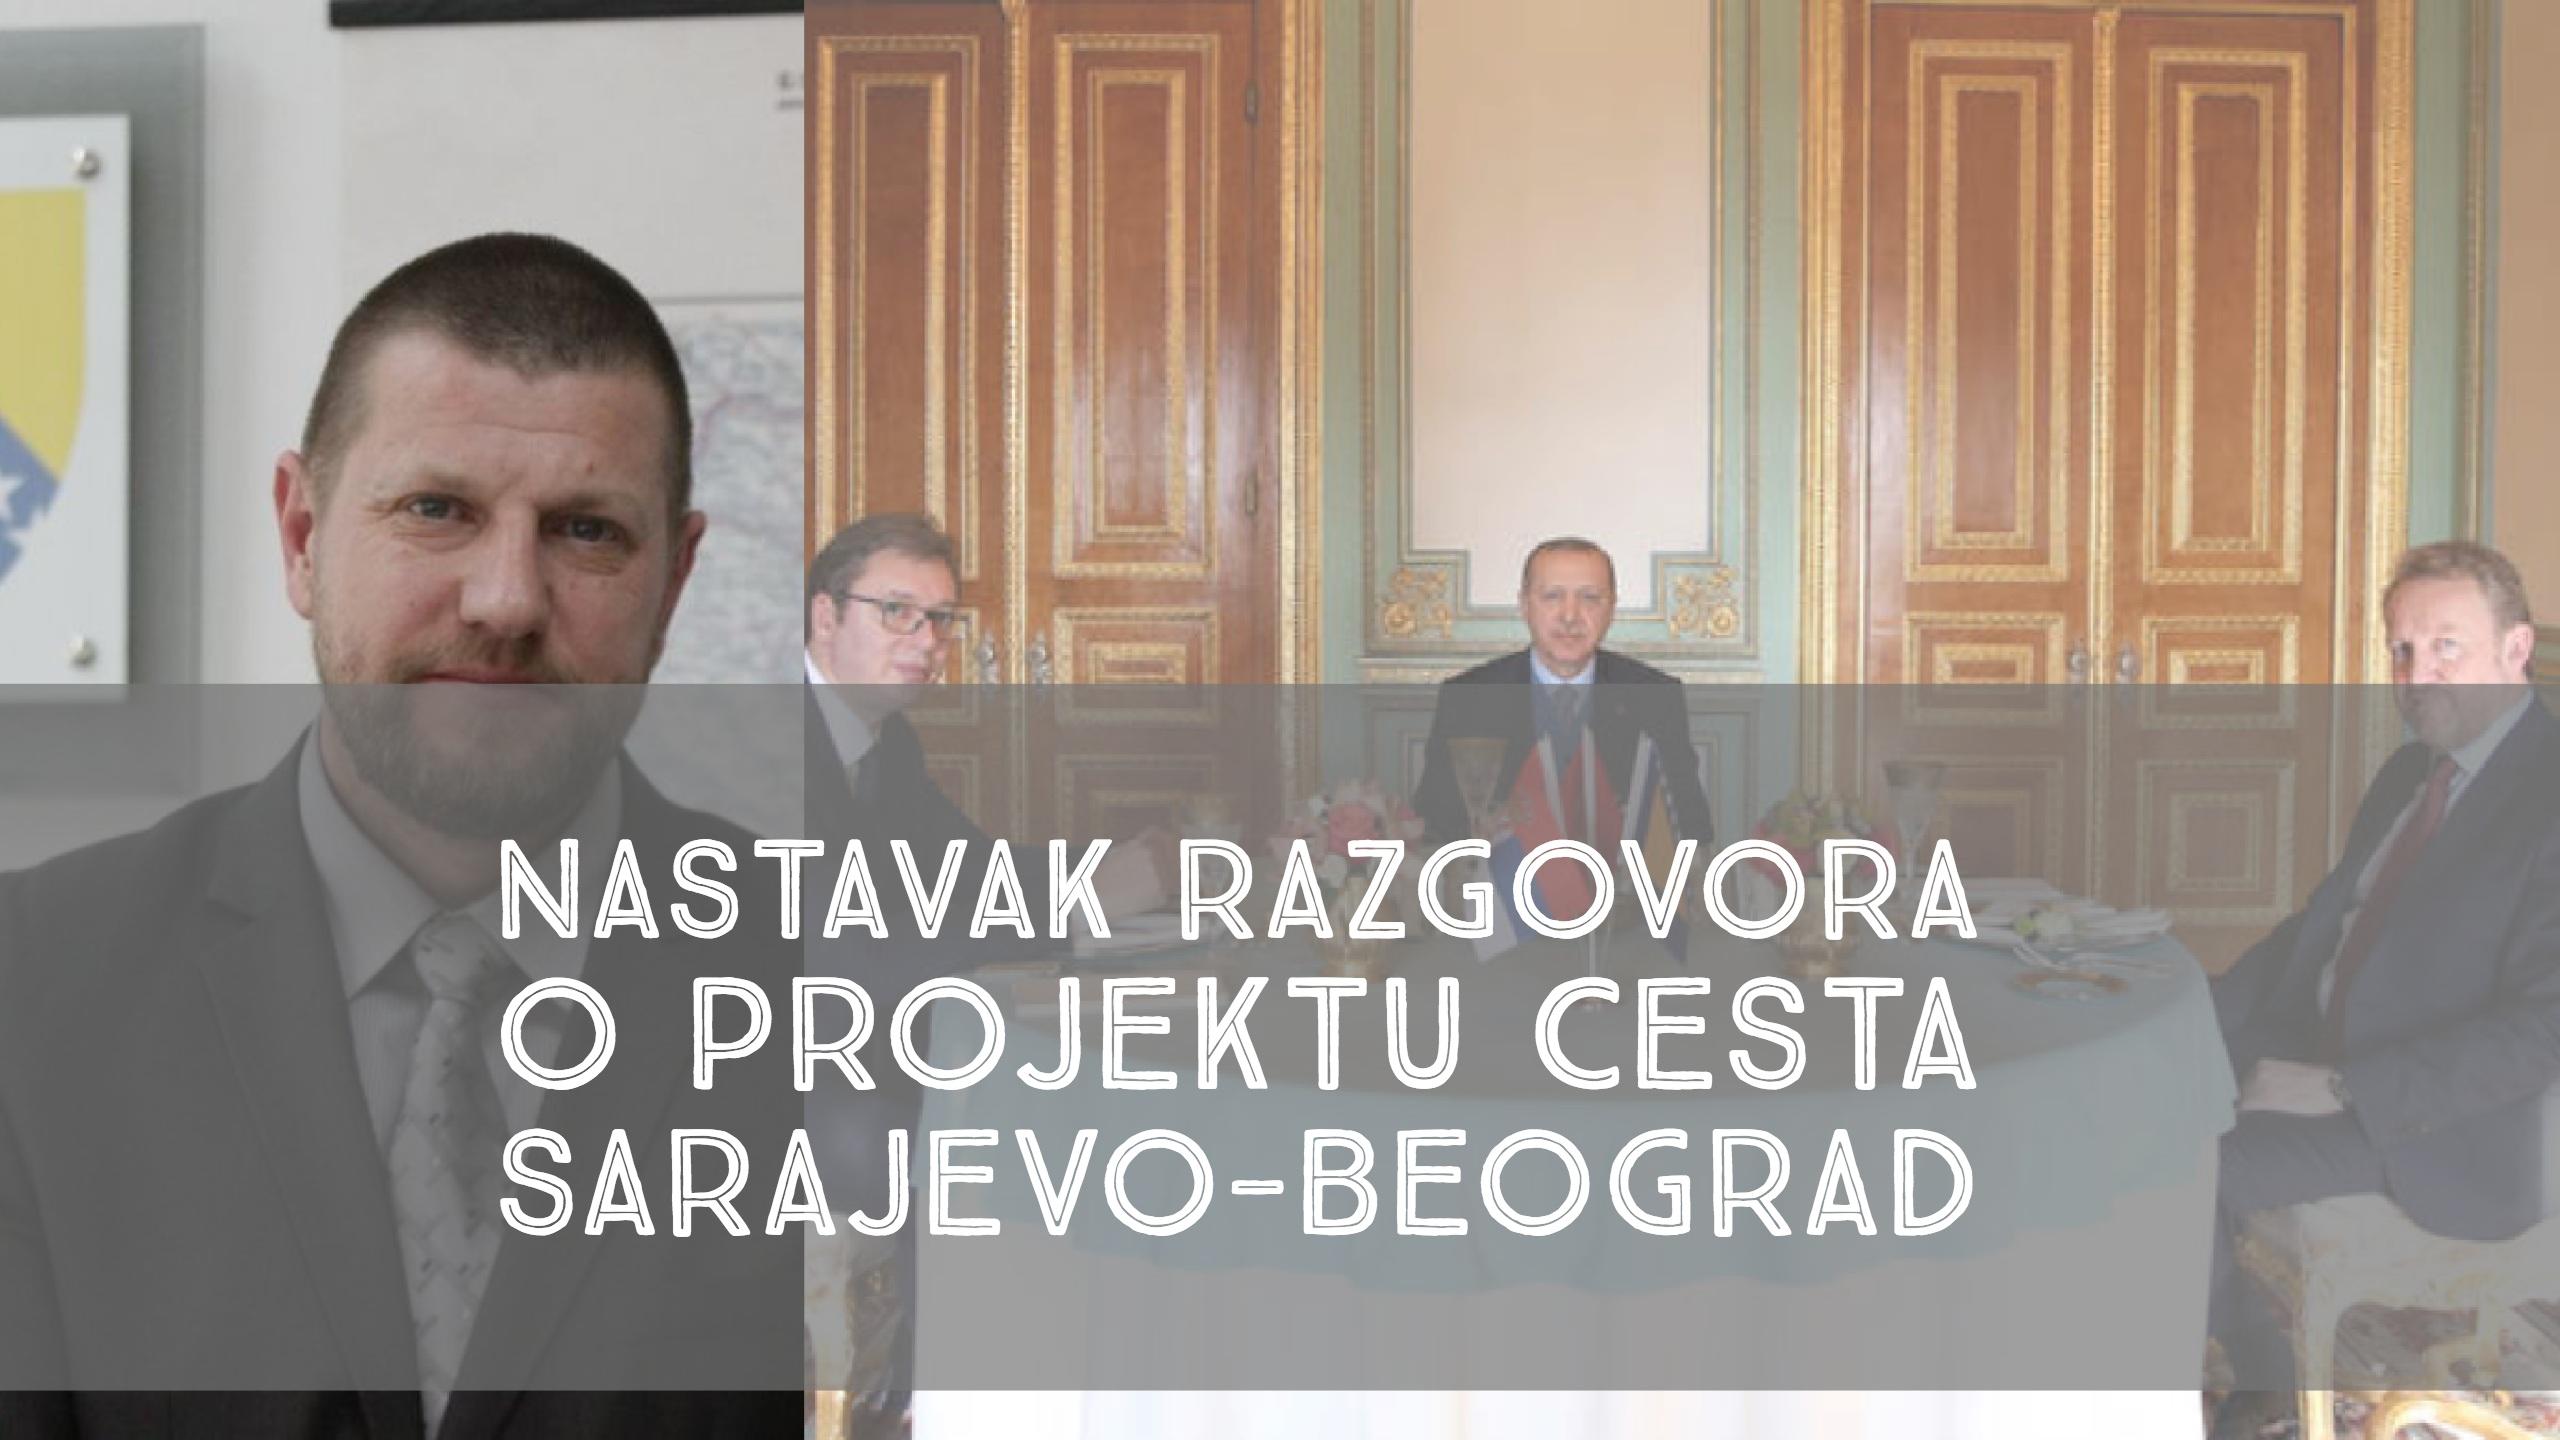 Turska delegacija dolazi u BiH: Sutra razgovori o brzoj cesti Sarajevo - Beograd